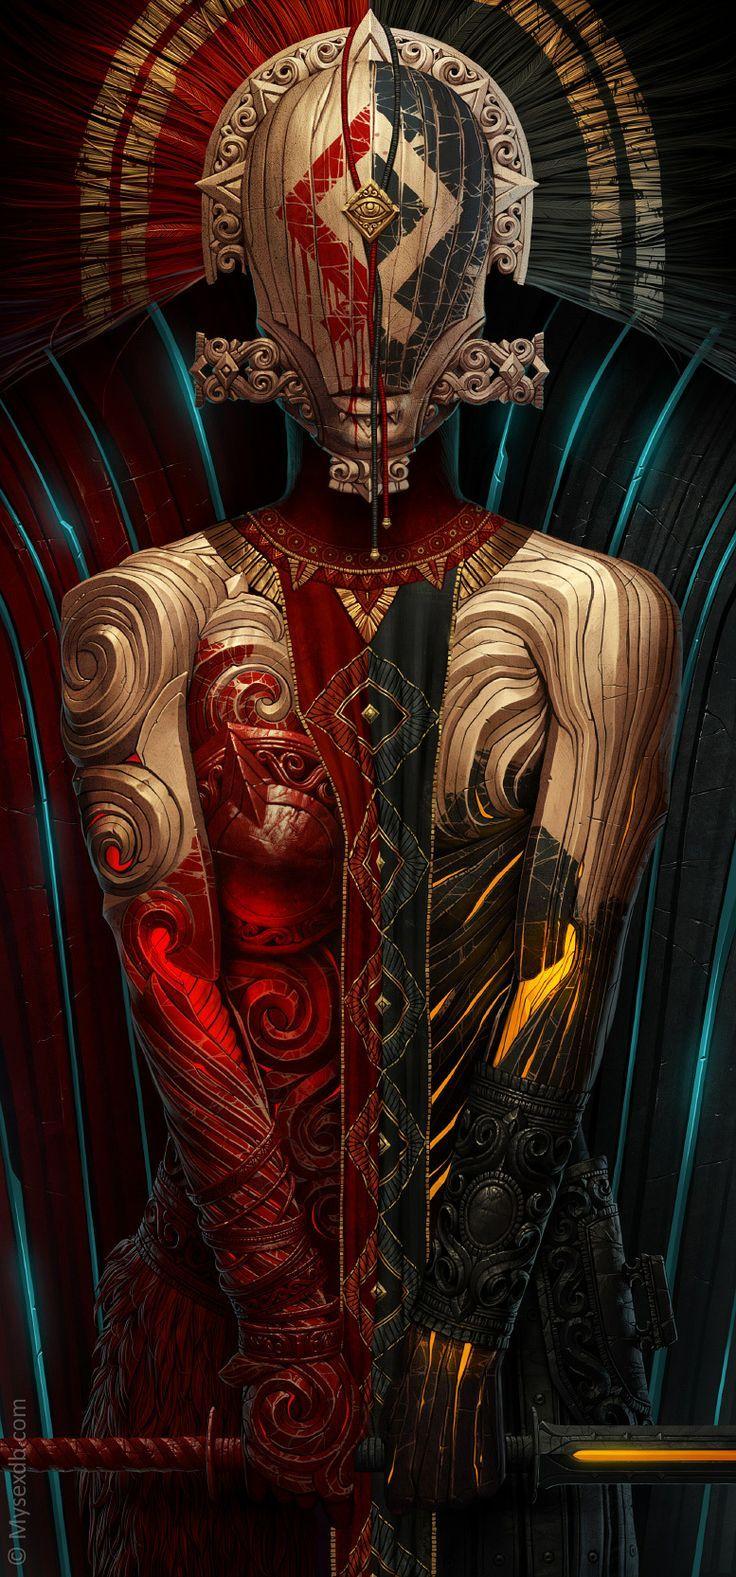 Harlequin by Alexander Fedosov